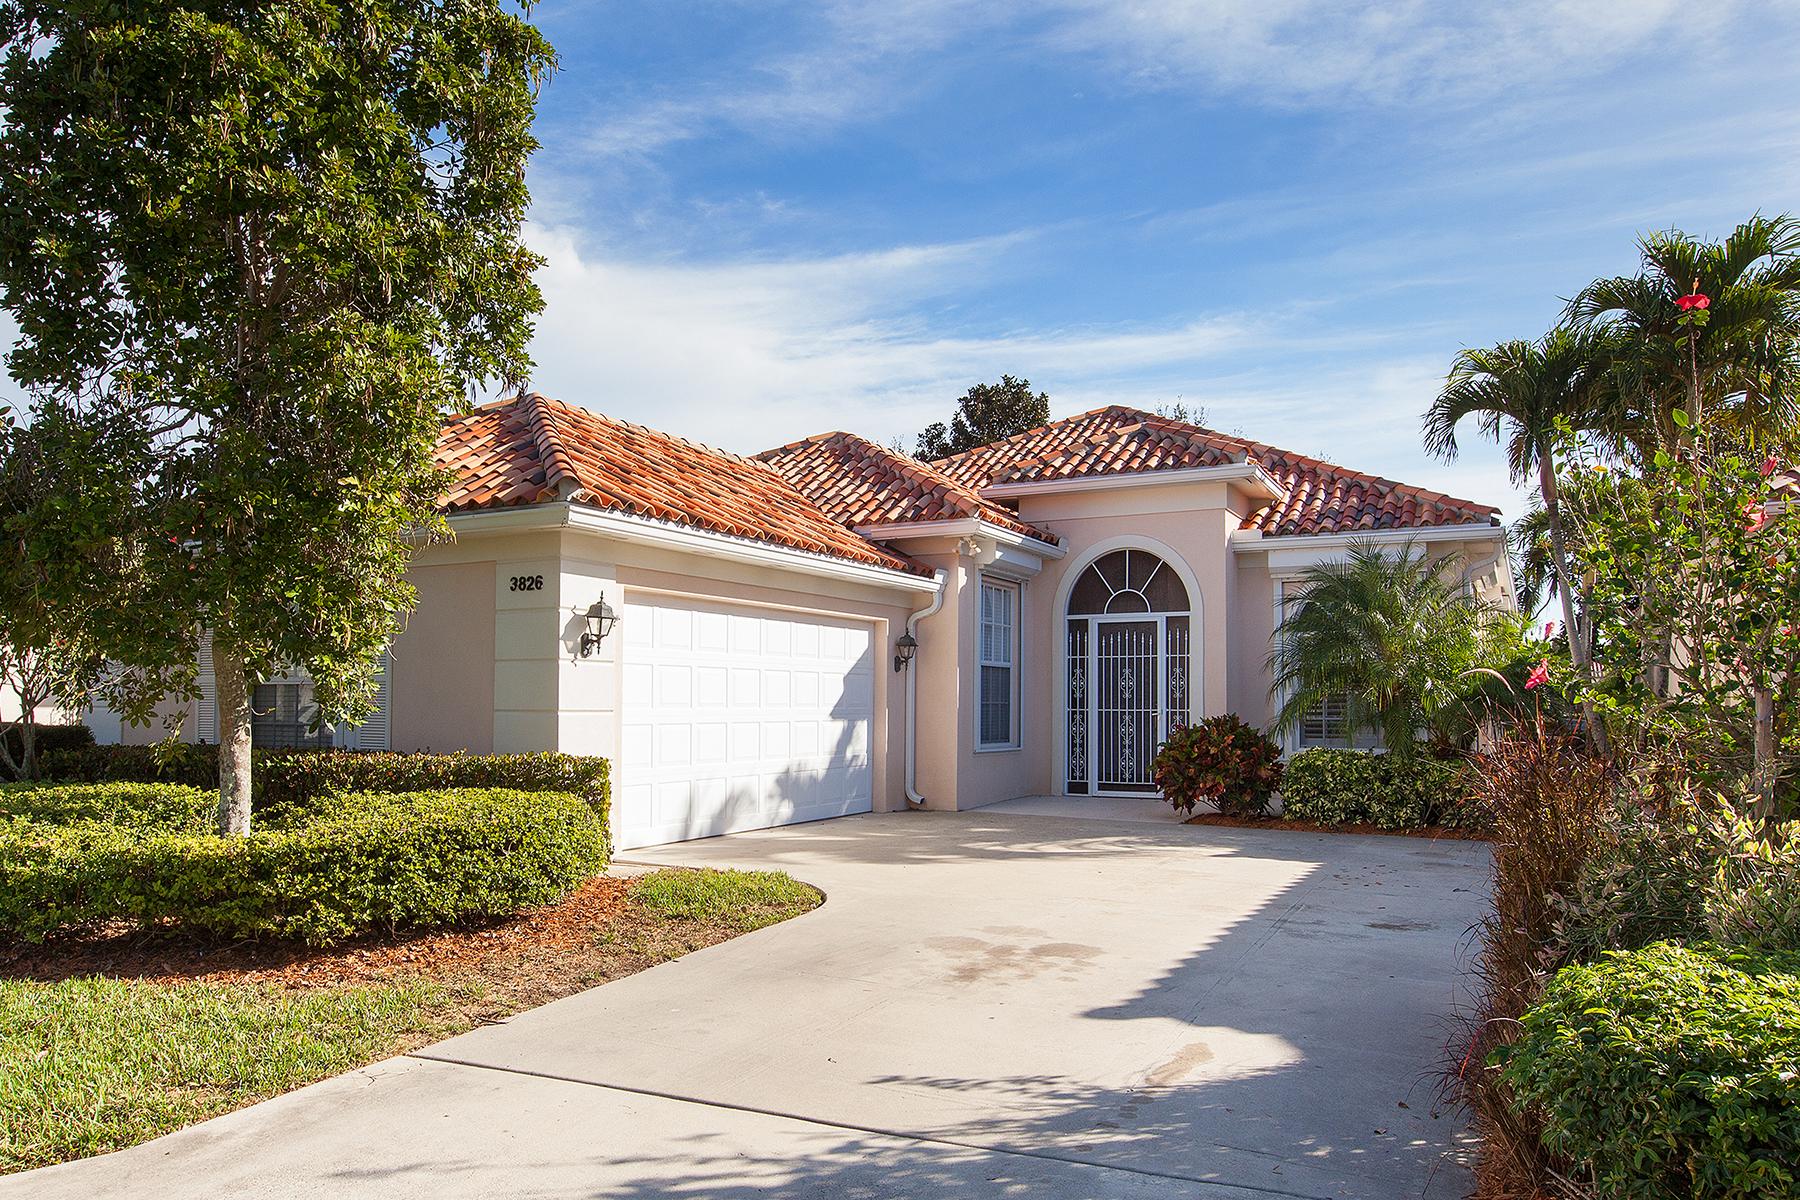 独户住宅 为 销售 在 Naples 3826 Huelva Ct 那不勒斯, 佛罗里达州, 34109 美国